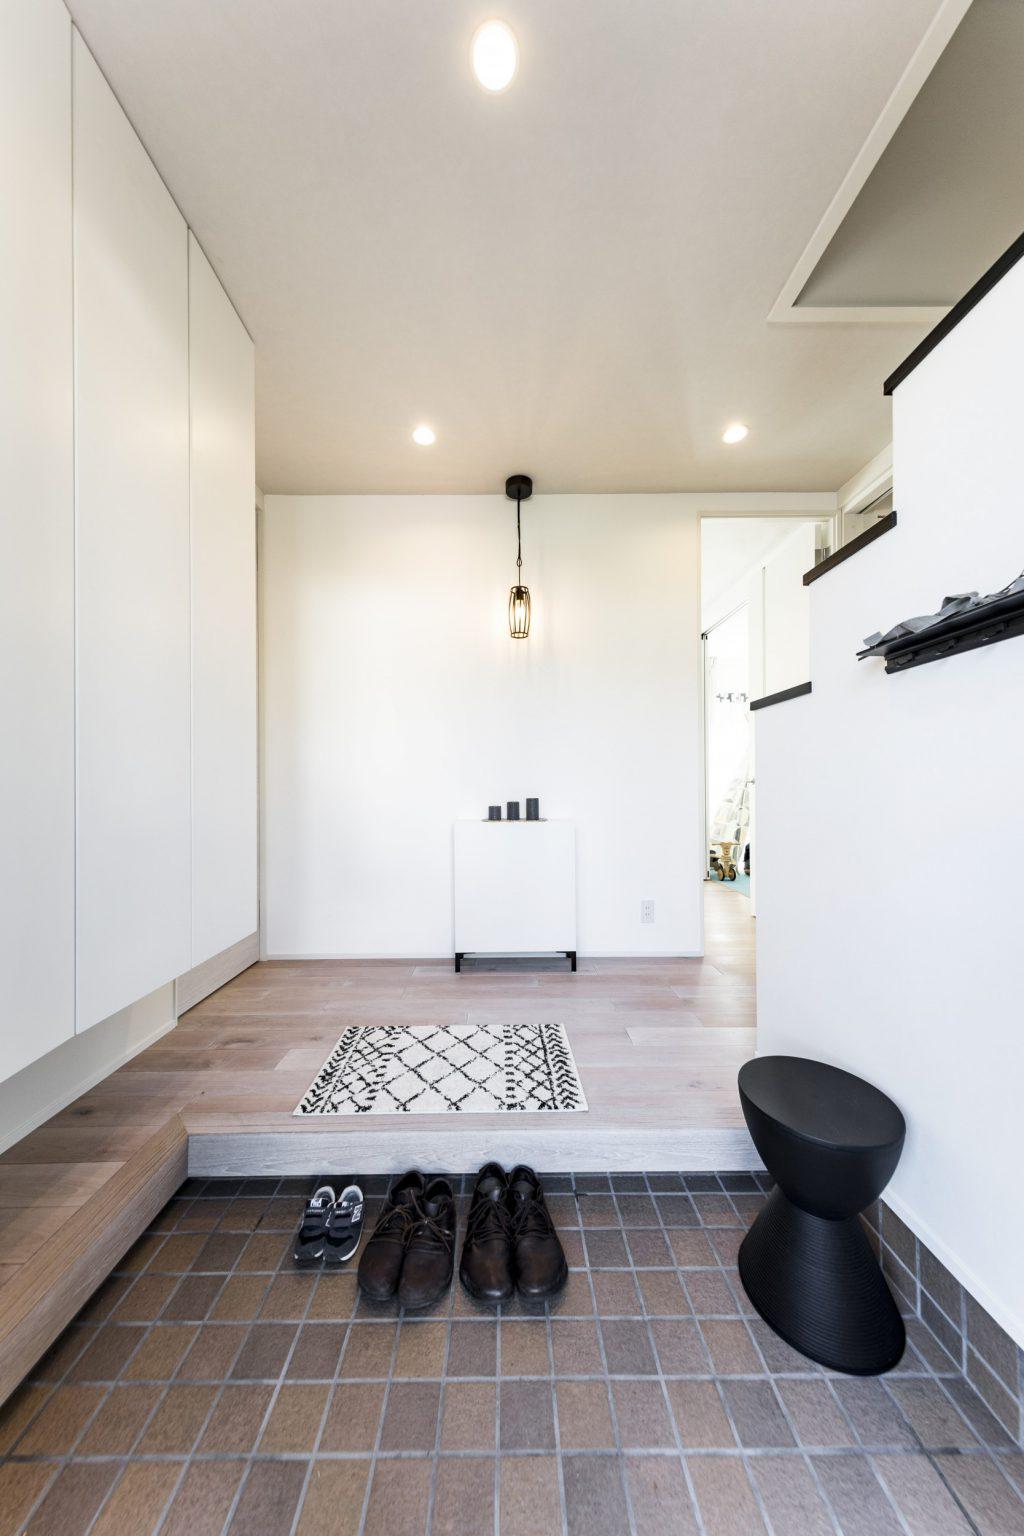 岐阜市A様邸のリノベーション事例の清潔感ある玄関